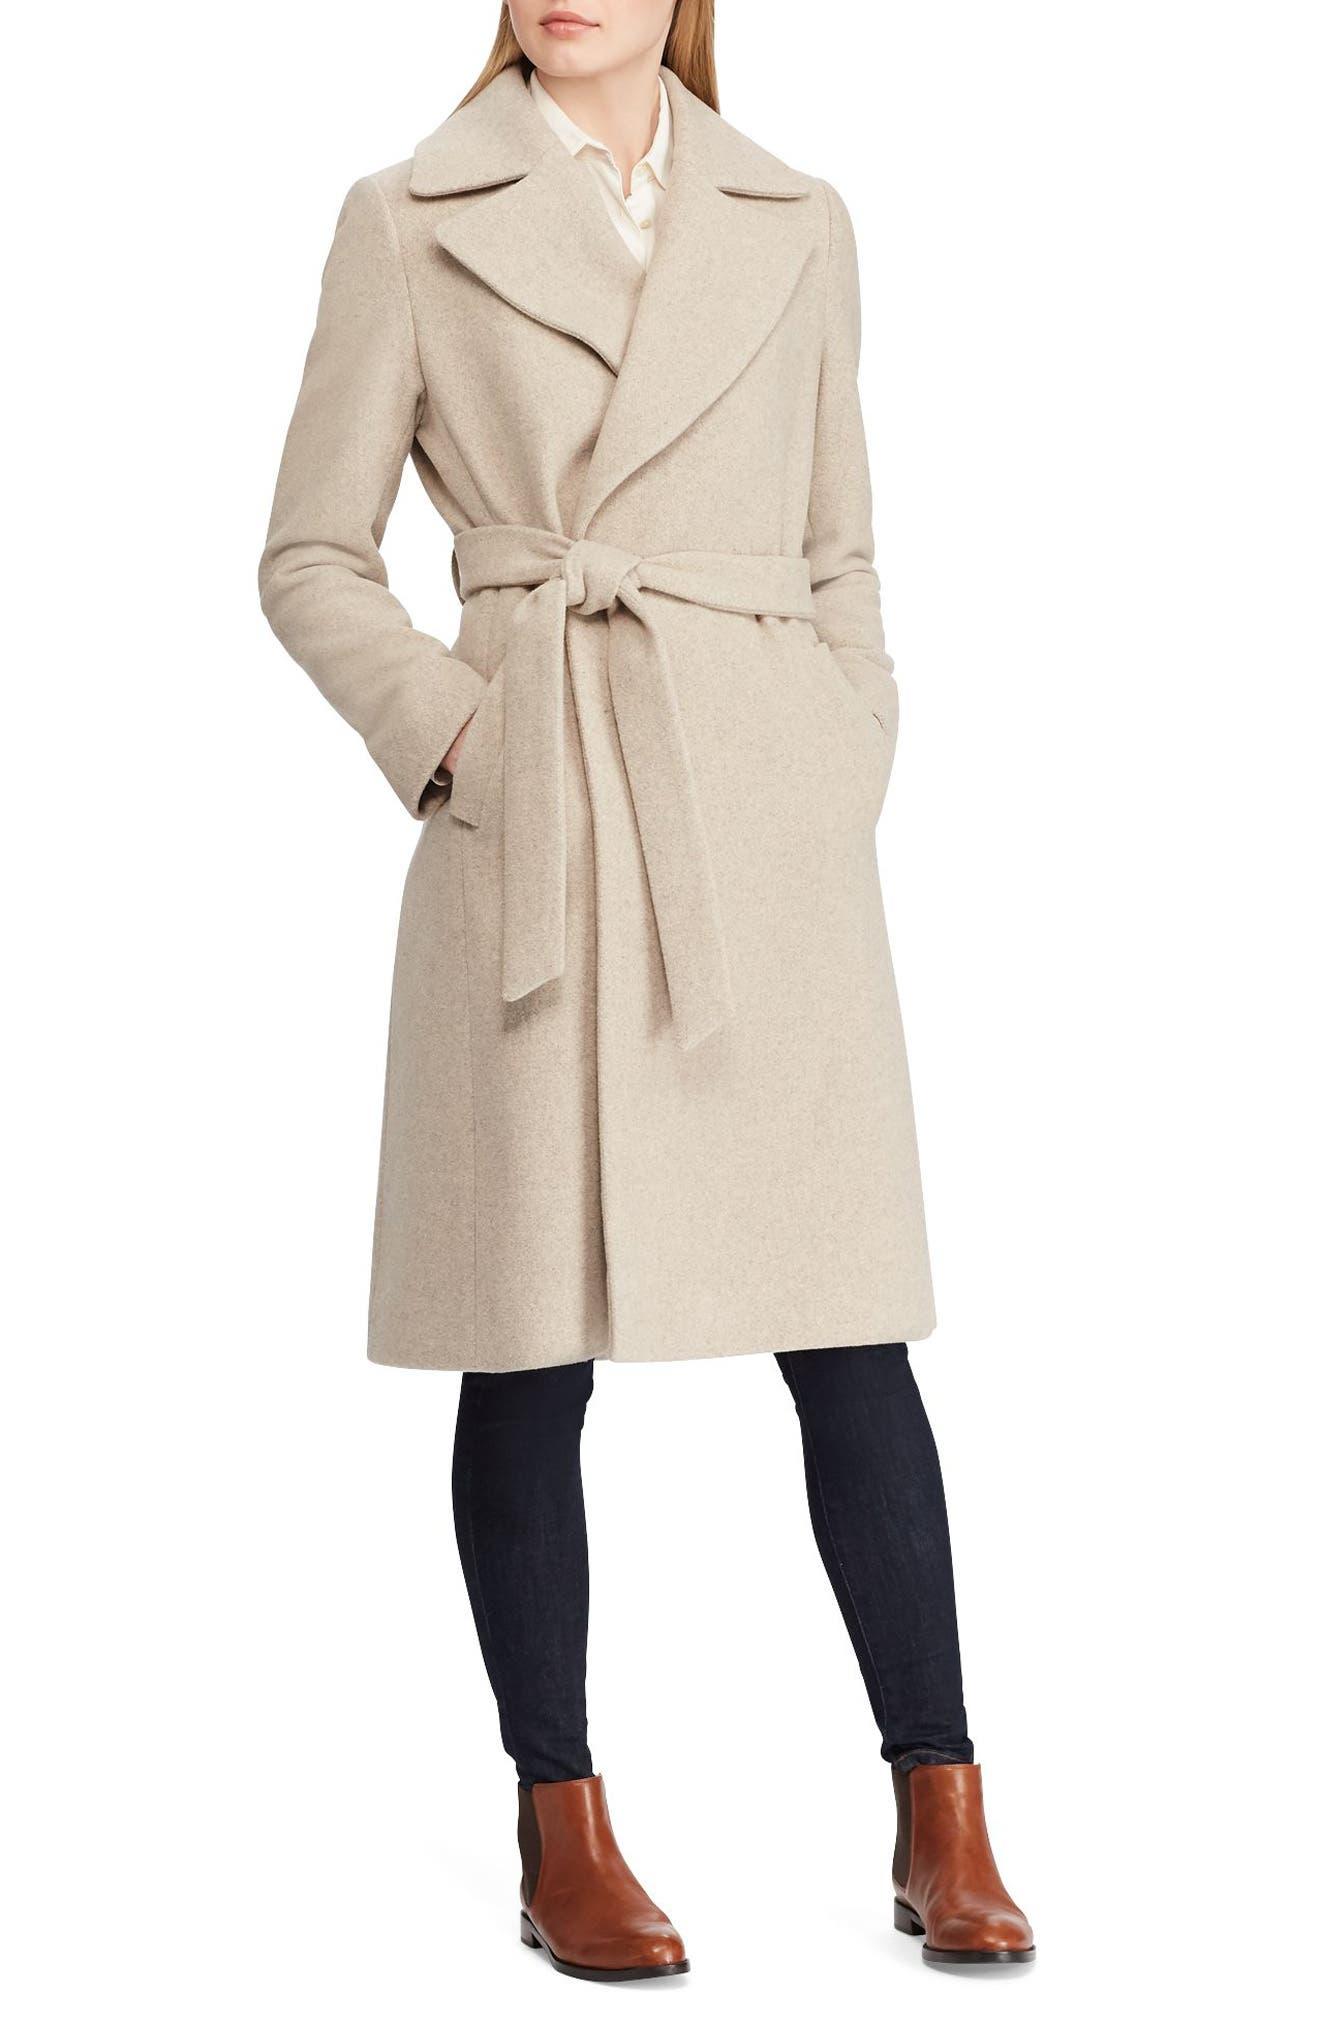 LAUREN RALPH LAUREN Wool Blend Wrap Coat, Main, color, 063